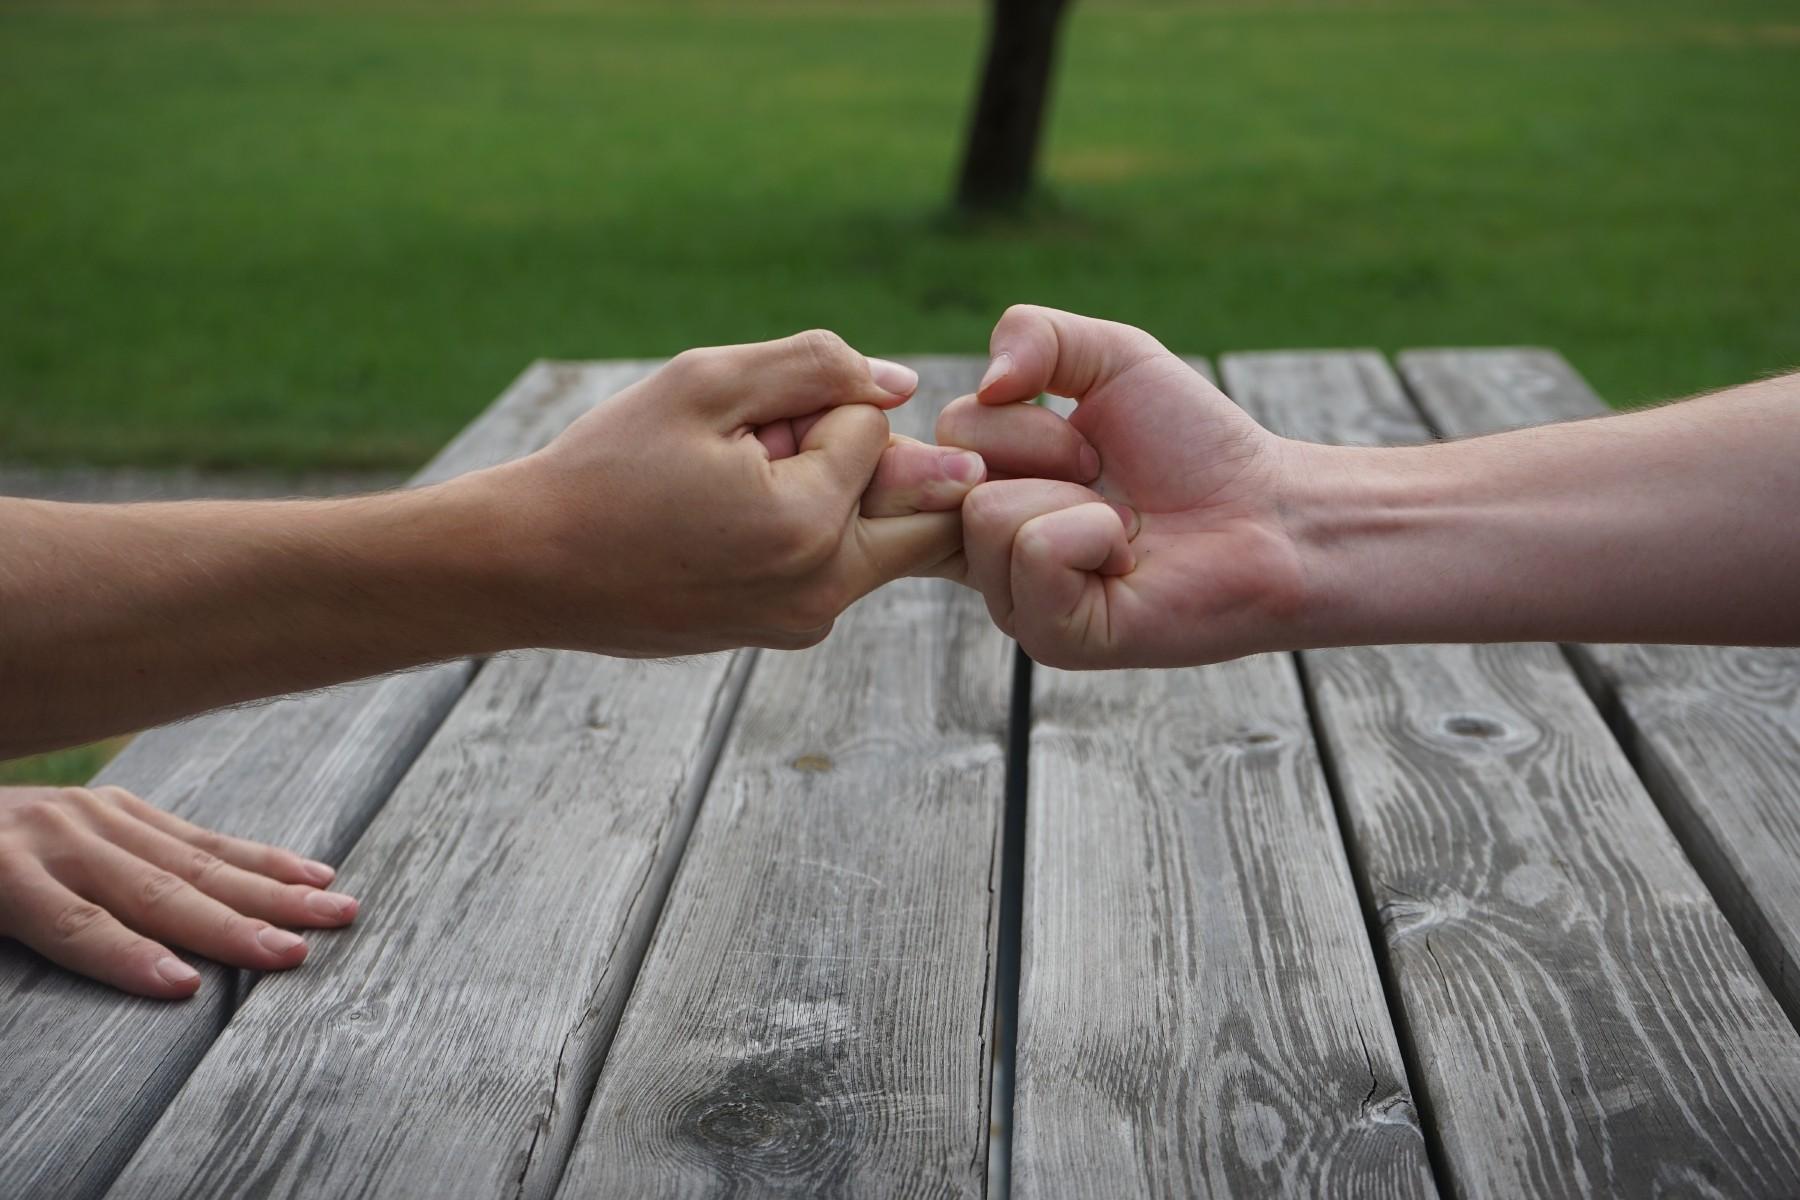 fingerhakeln-brauchtum.jpg